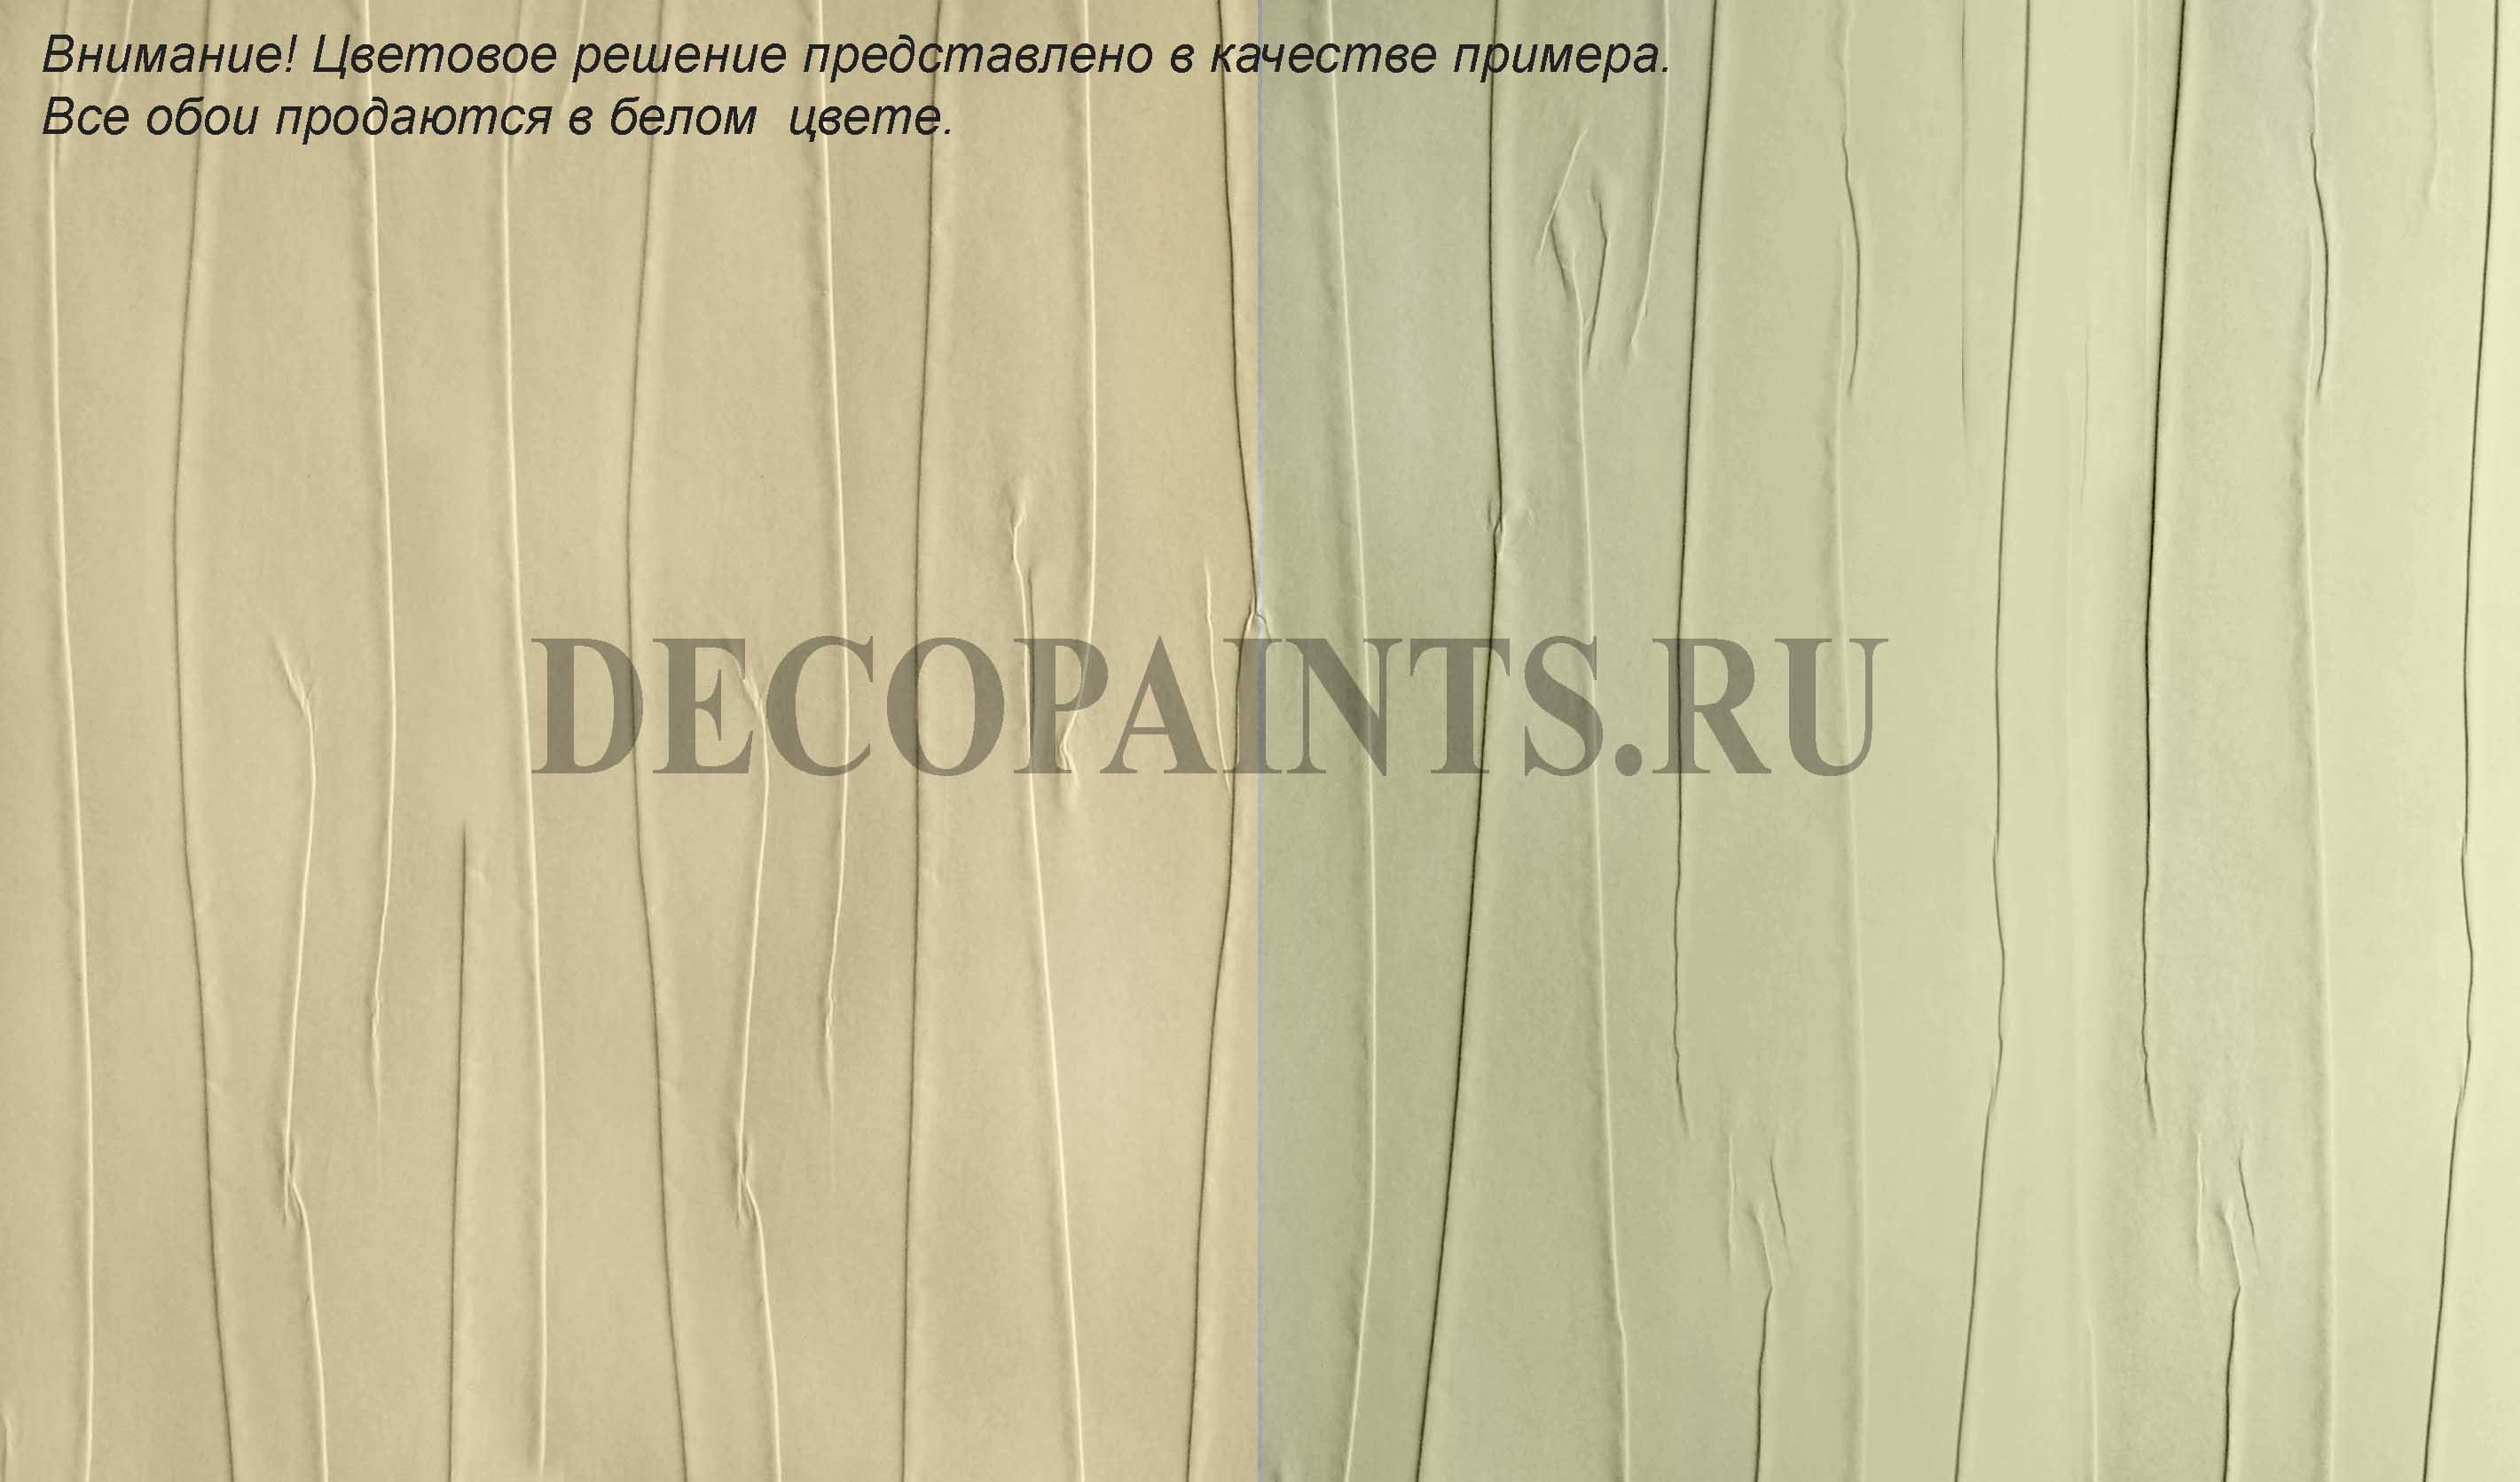 Обои под покраску marburg patent decor 1885 0 75х10м